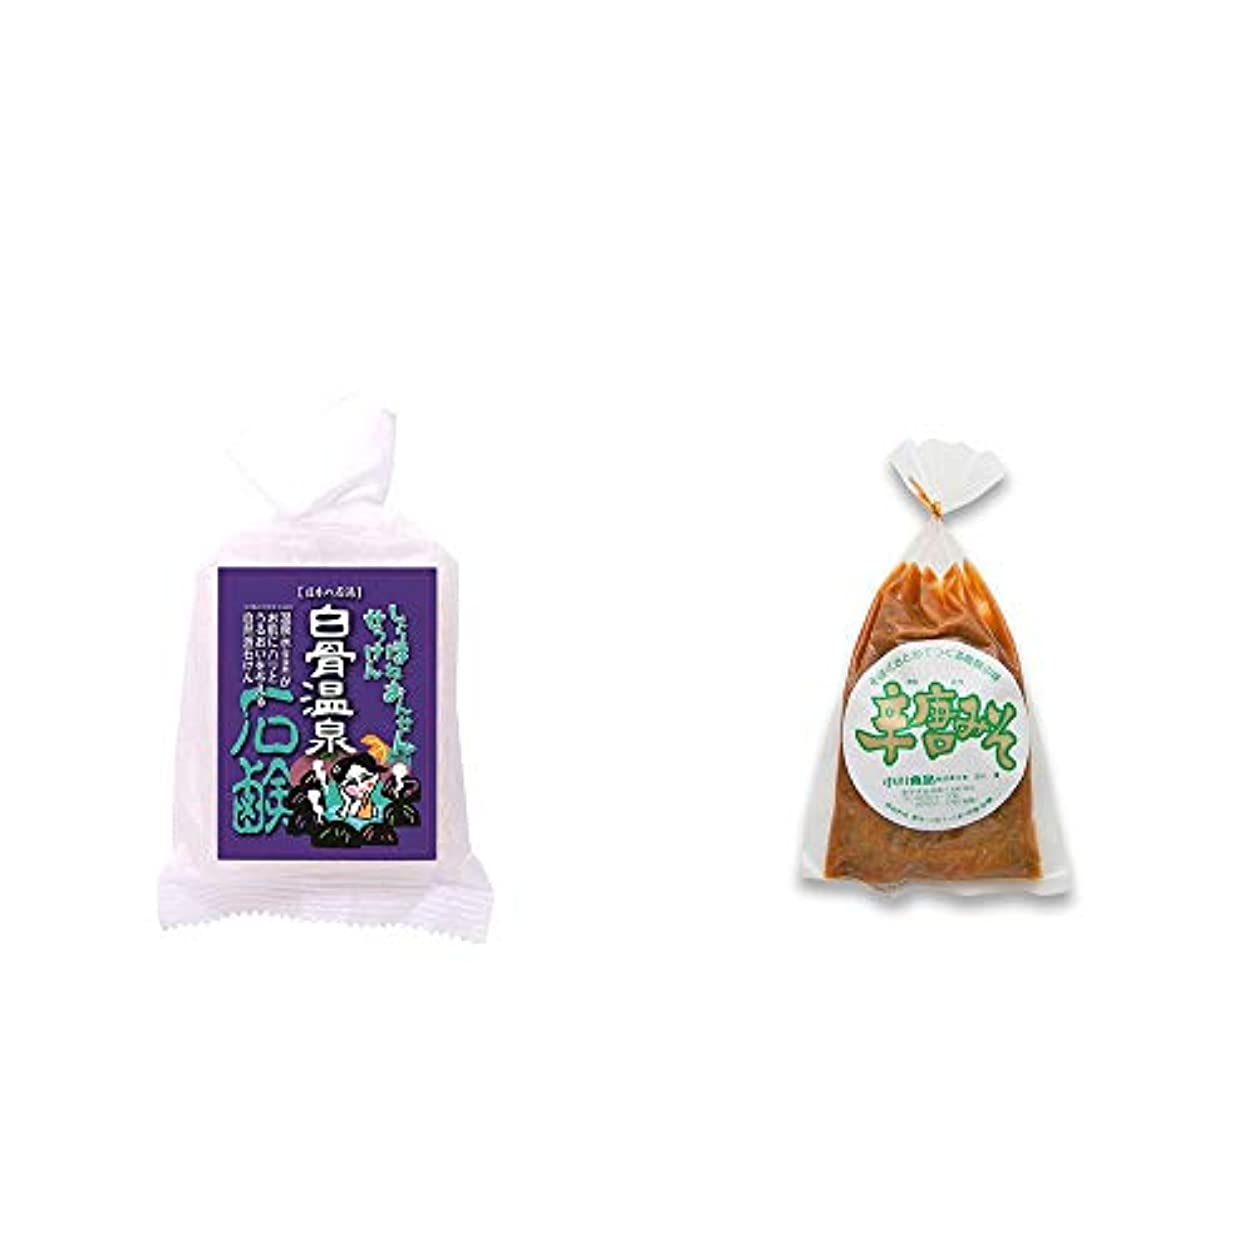 タイマー人形圧縮する[2点セット] 信州 白骨温泉石鹸(80g)?辛唐みそ(130g)